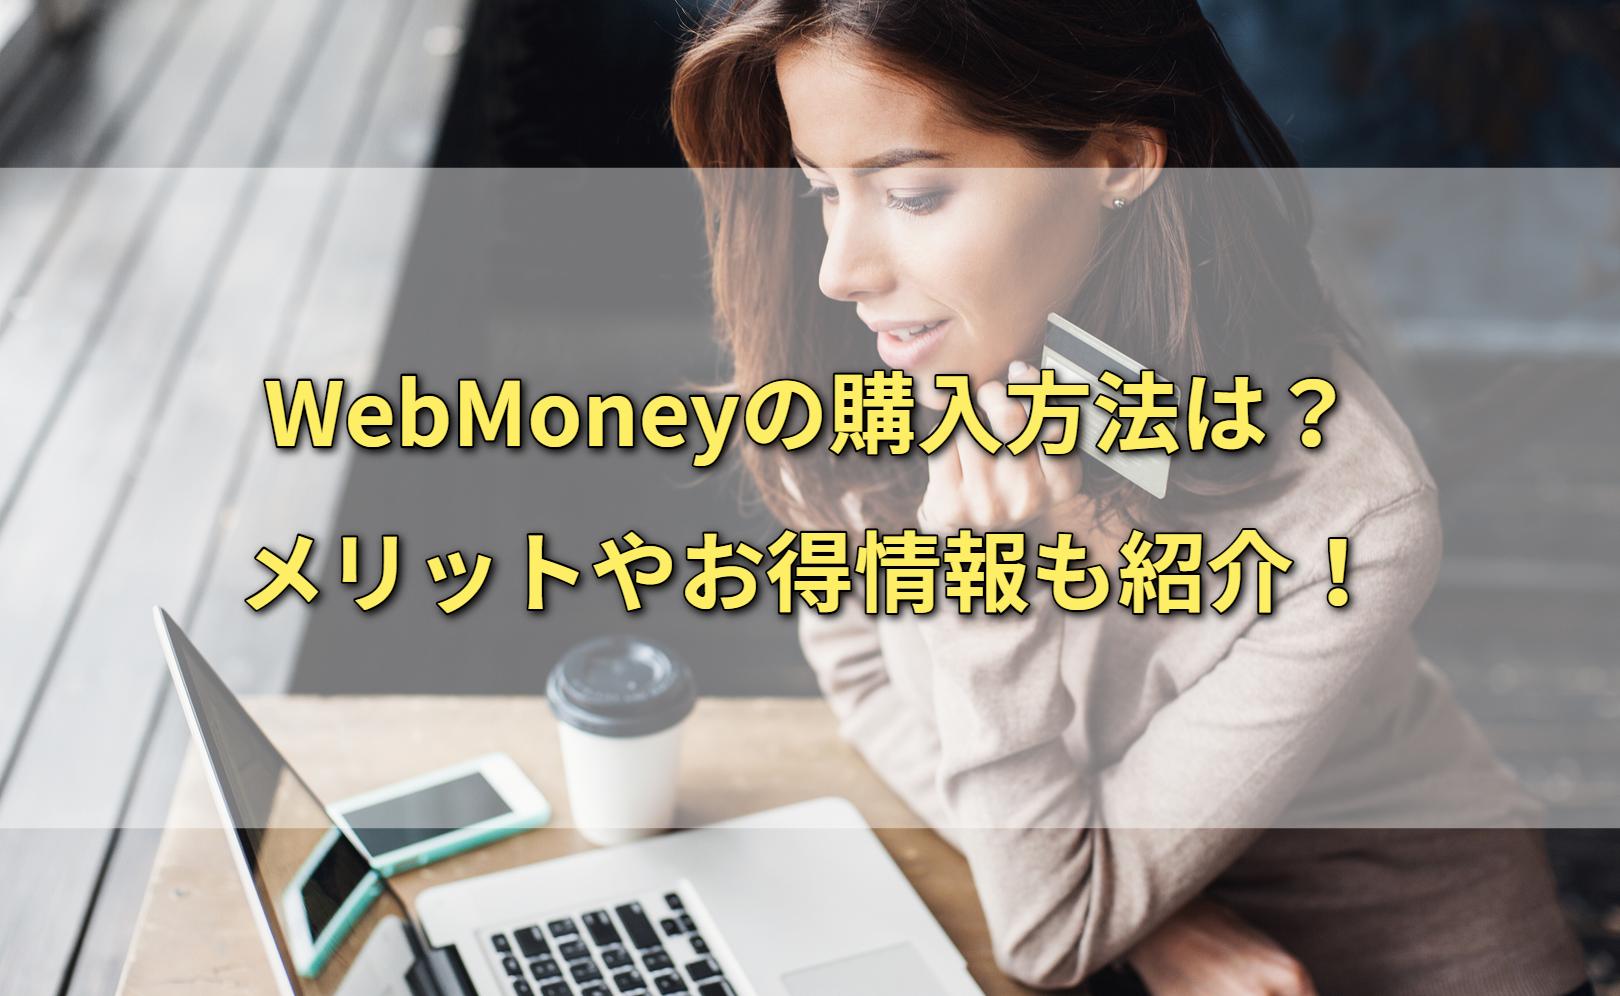 WebMoneyの購入方法は?メリットやお得情報も紹介!